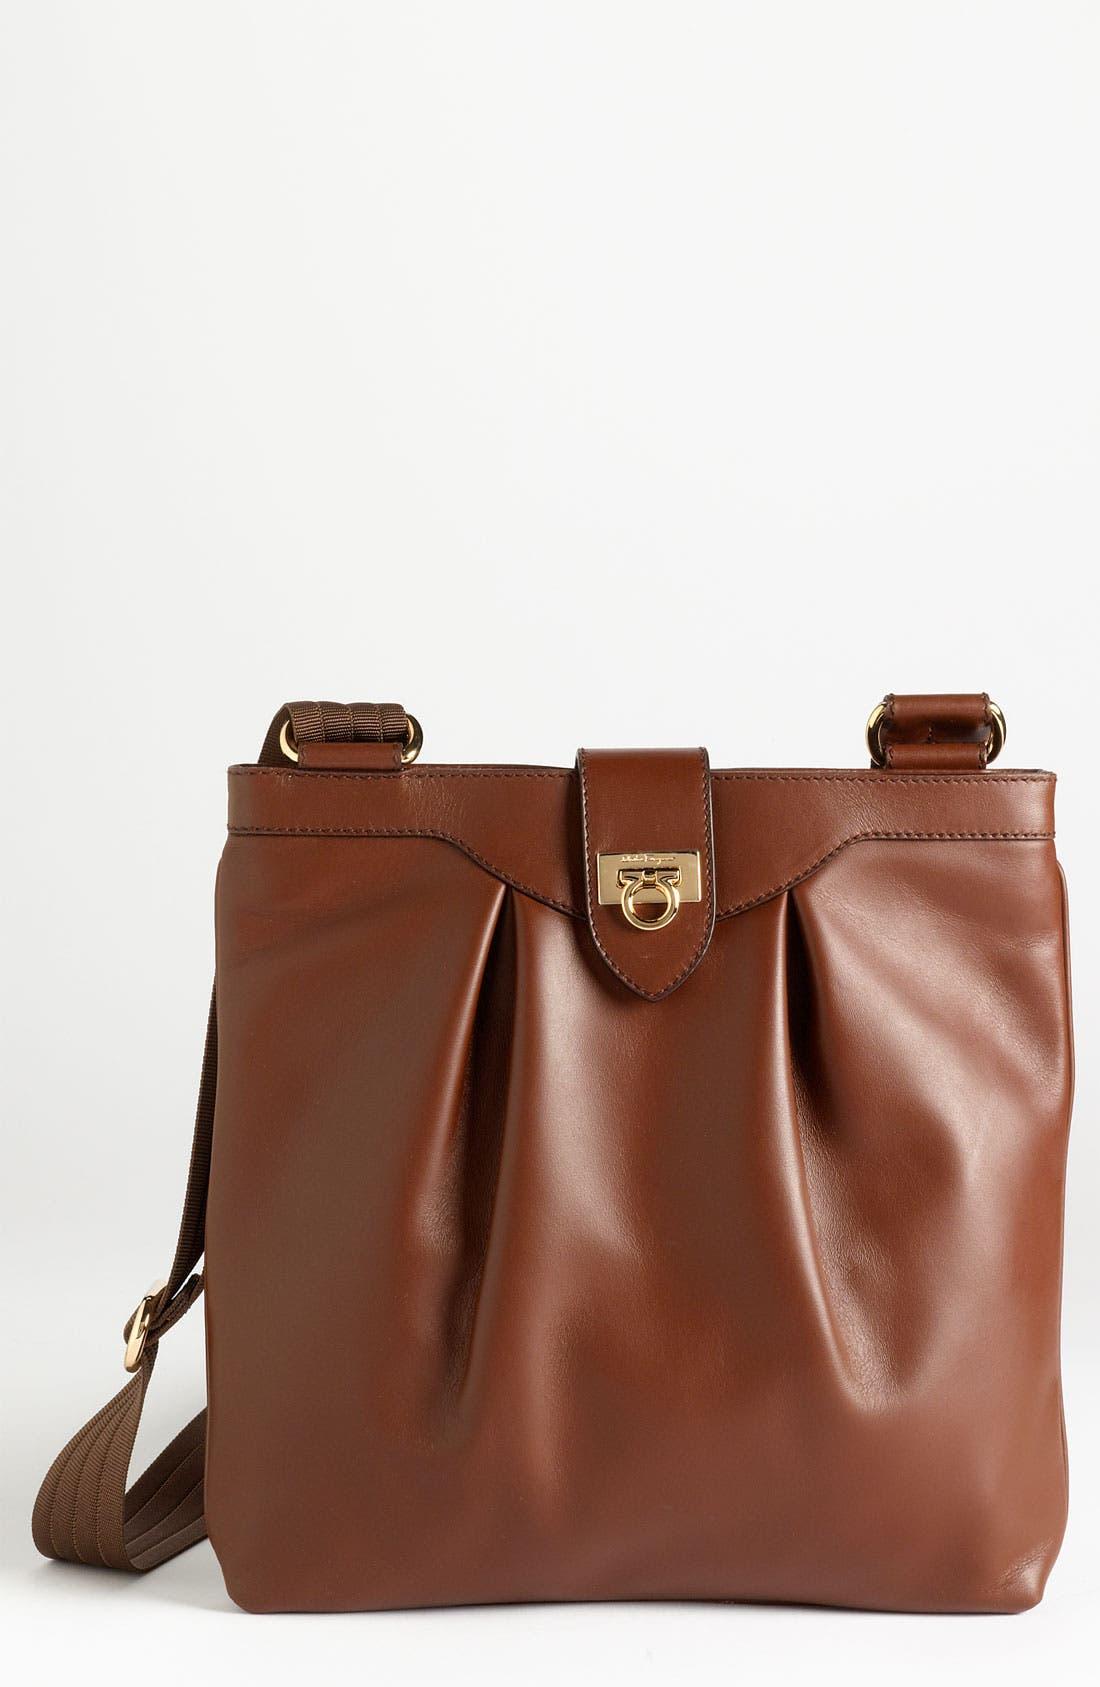 Main Image - Salvatore Ferragamo 'Graziella' Leather Crossbody Bag